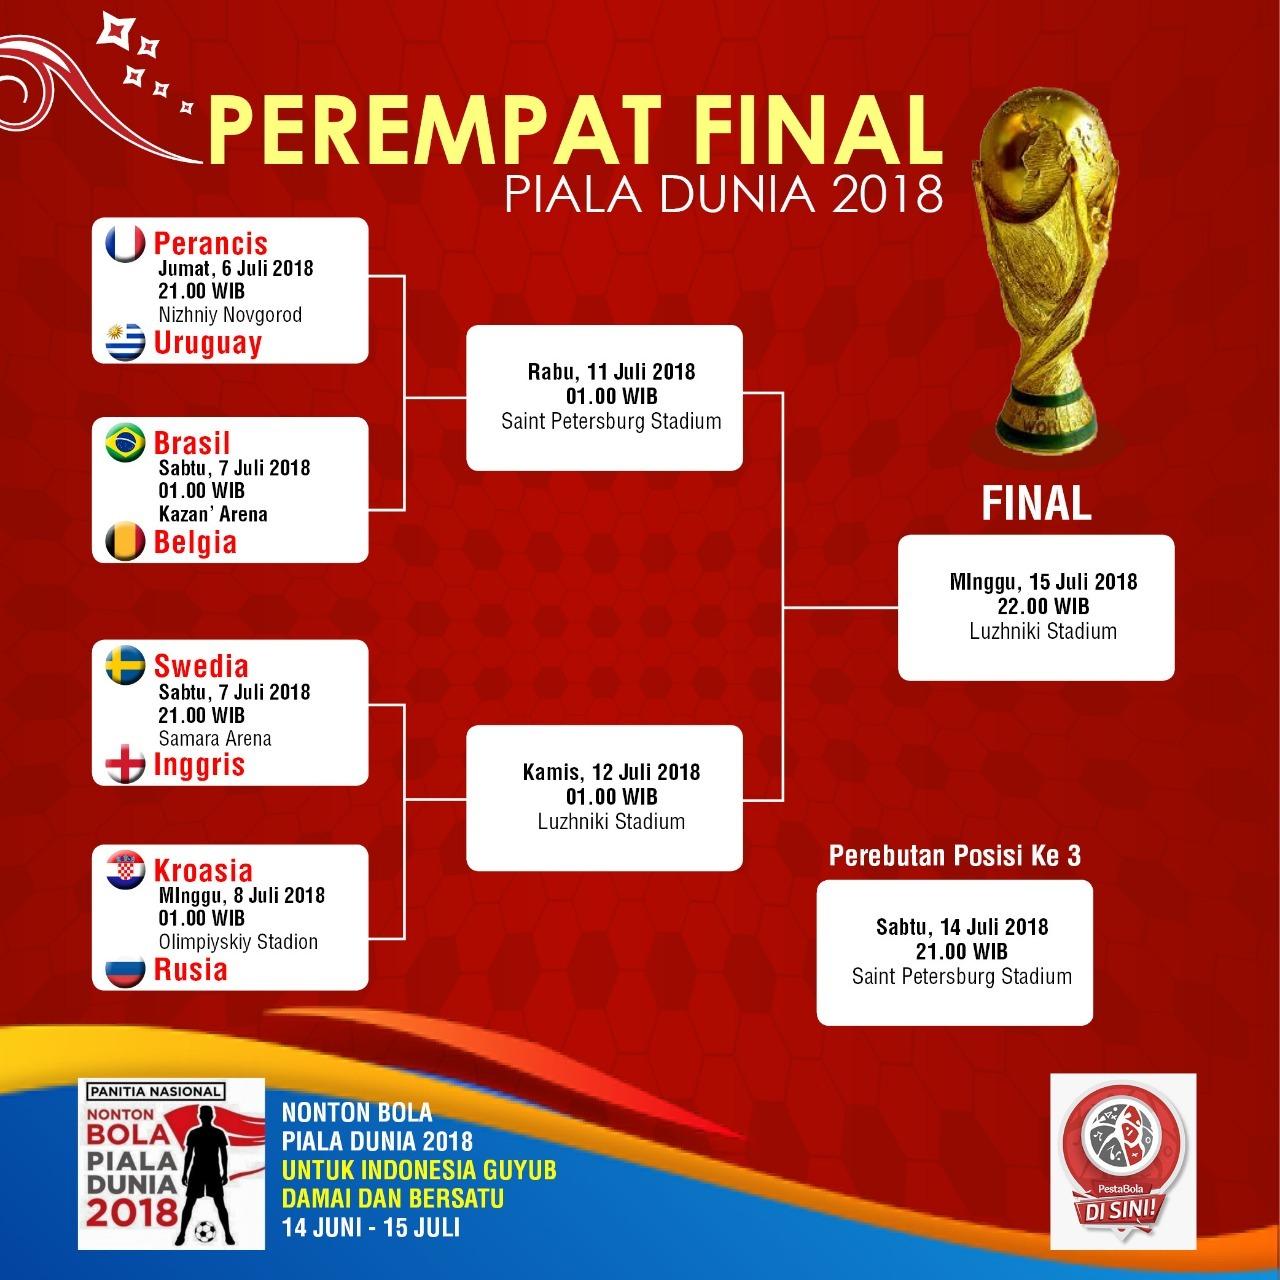 Jadwal Pertandian Piala Dunia Dan Jam Tayang